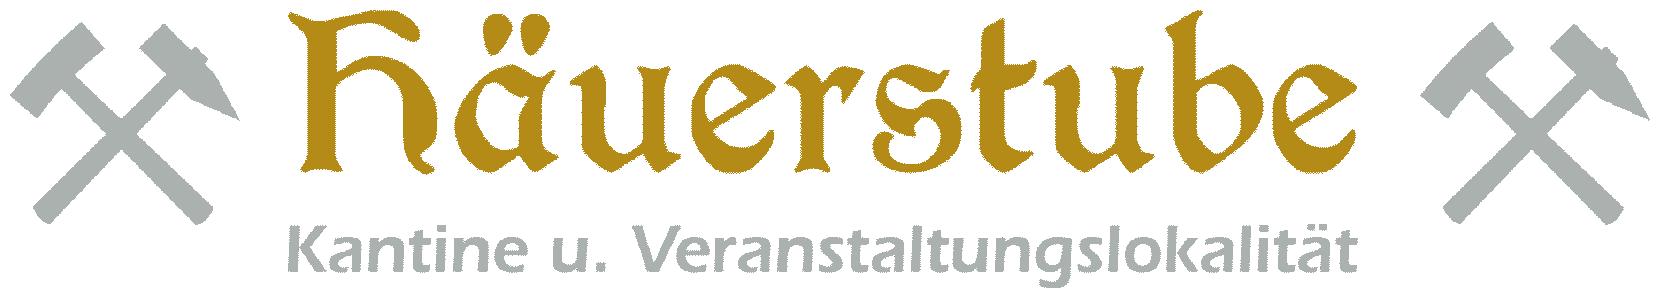 Logo Häuerstube